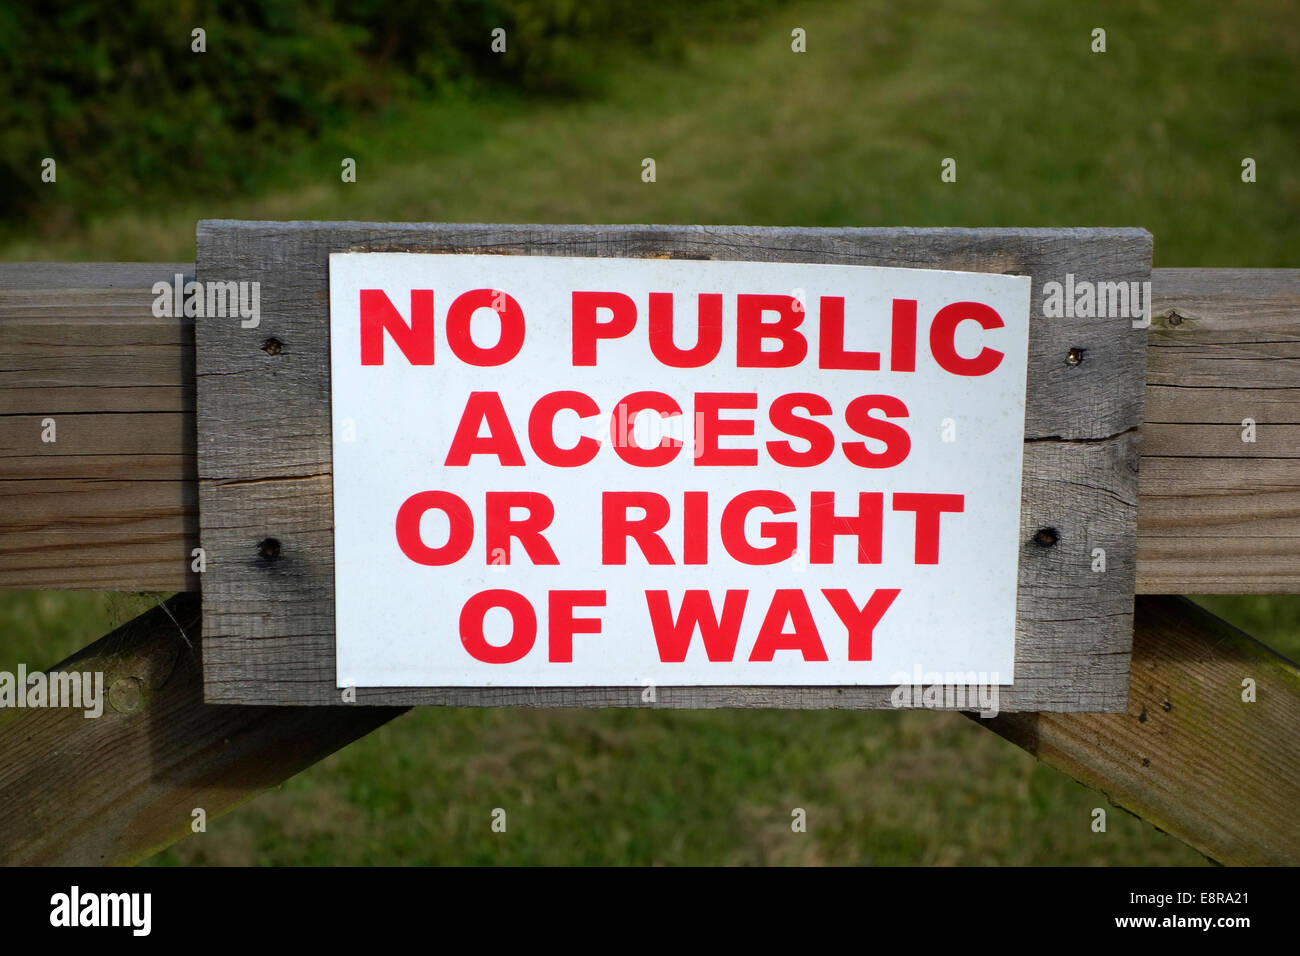 No Public Access Prohibited Sign, UK - Stock Image